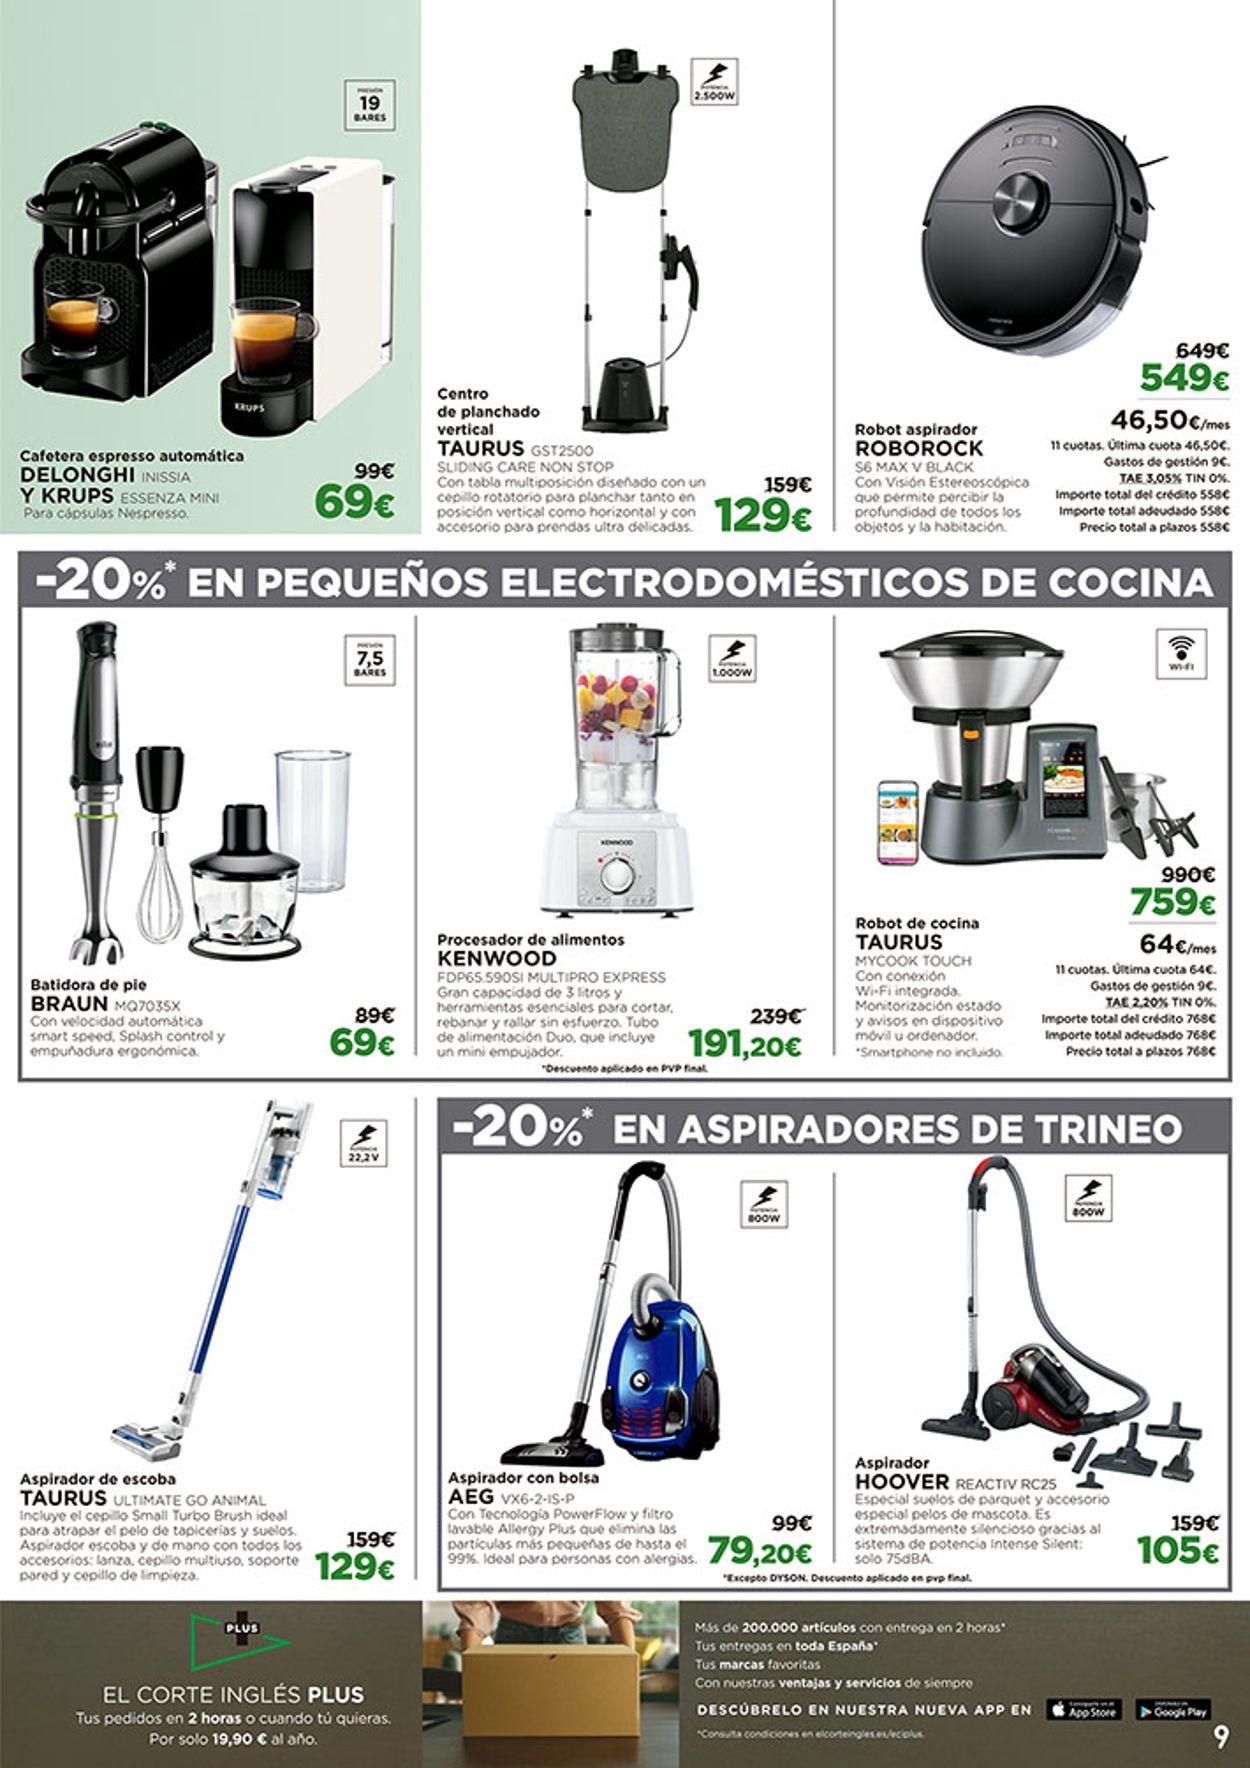 El Corte Inglés Folleto - 25.03-07.04.2021 (Página 9)